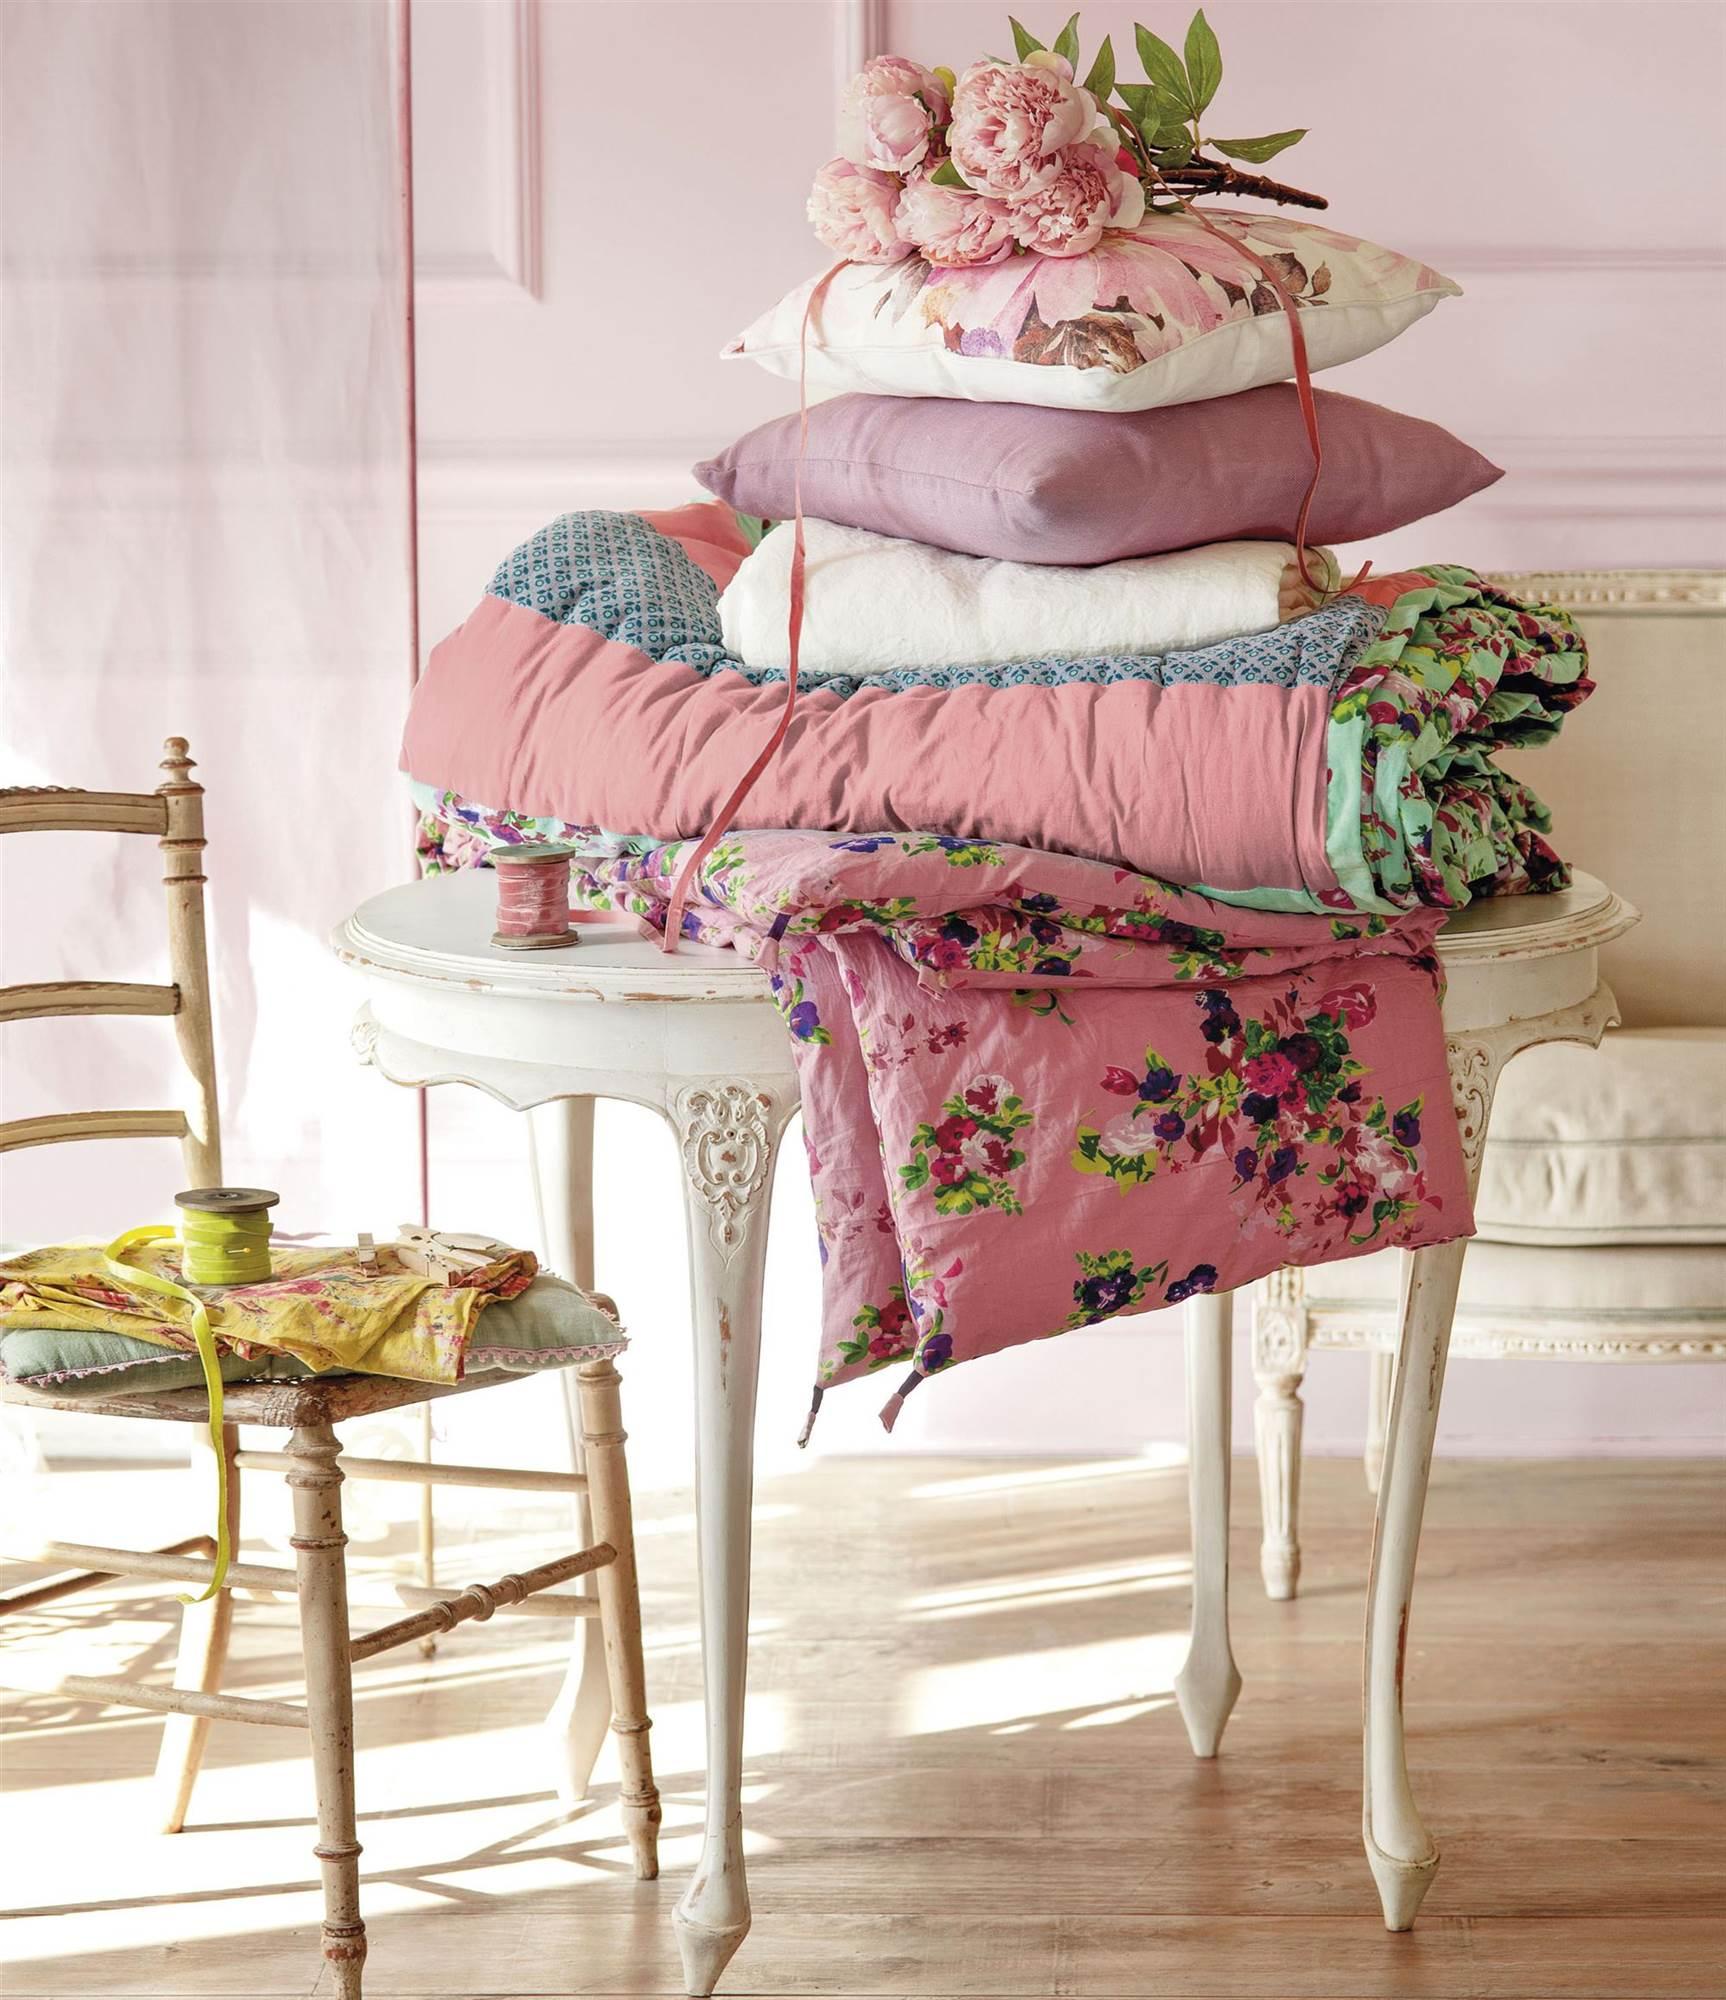 Dormitorios Con Acentos En Morado P�rpura Y Lila: Tendencias De Decoración En Color Rosa